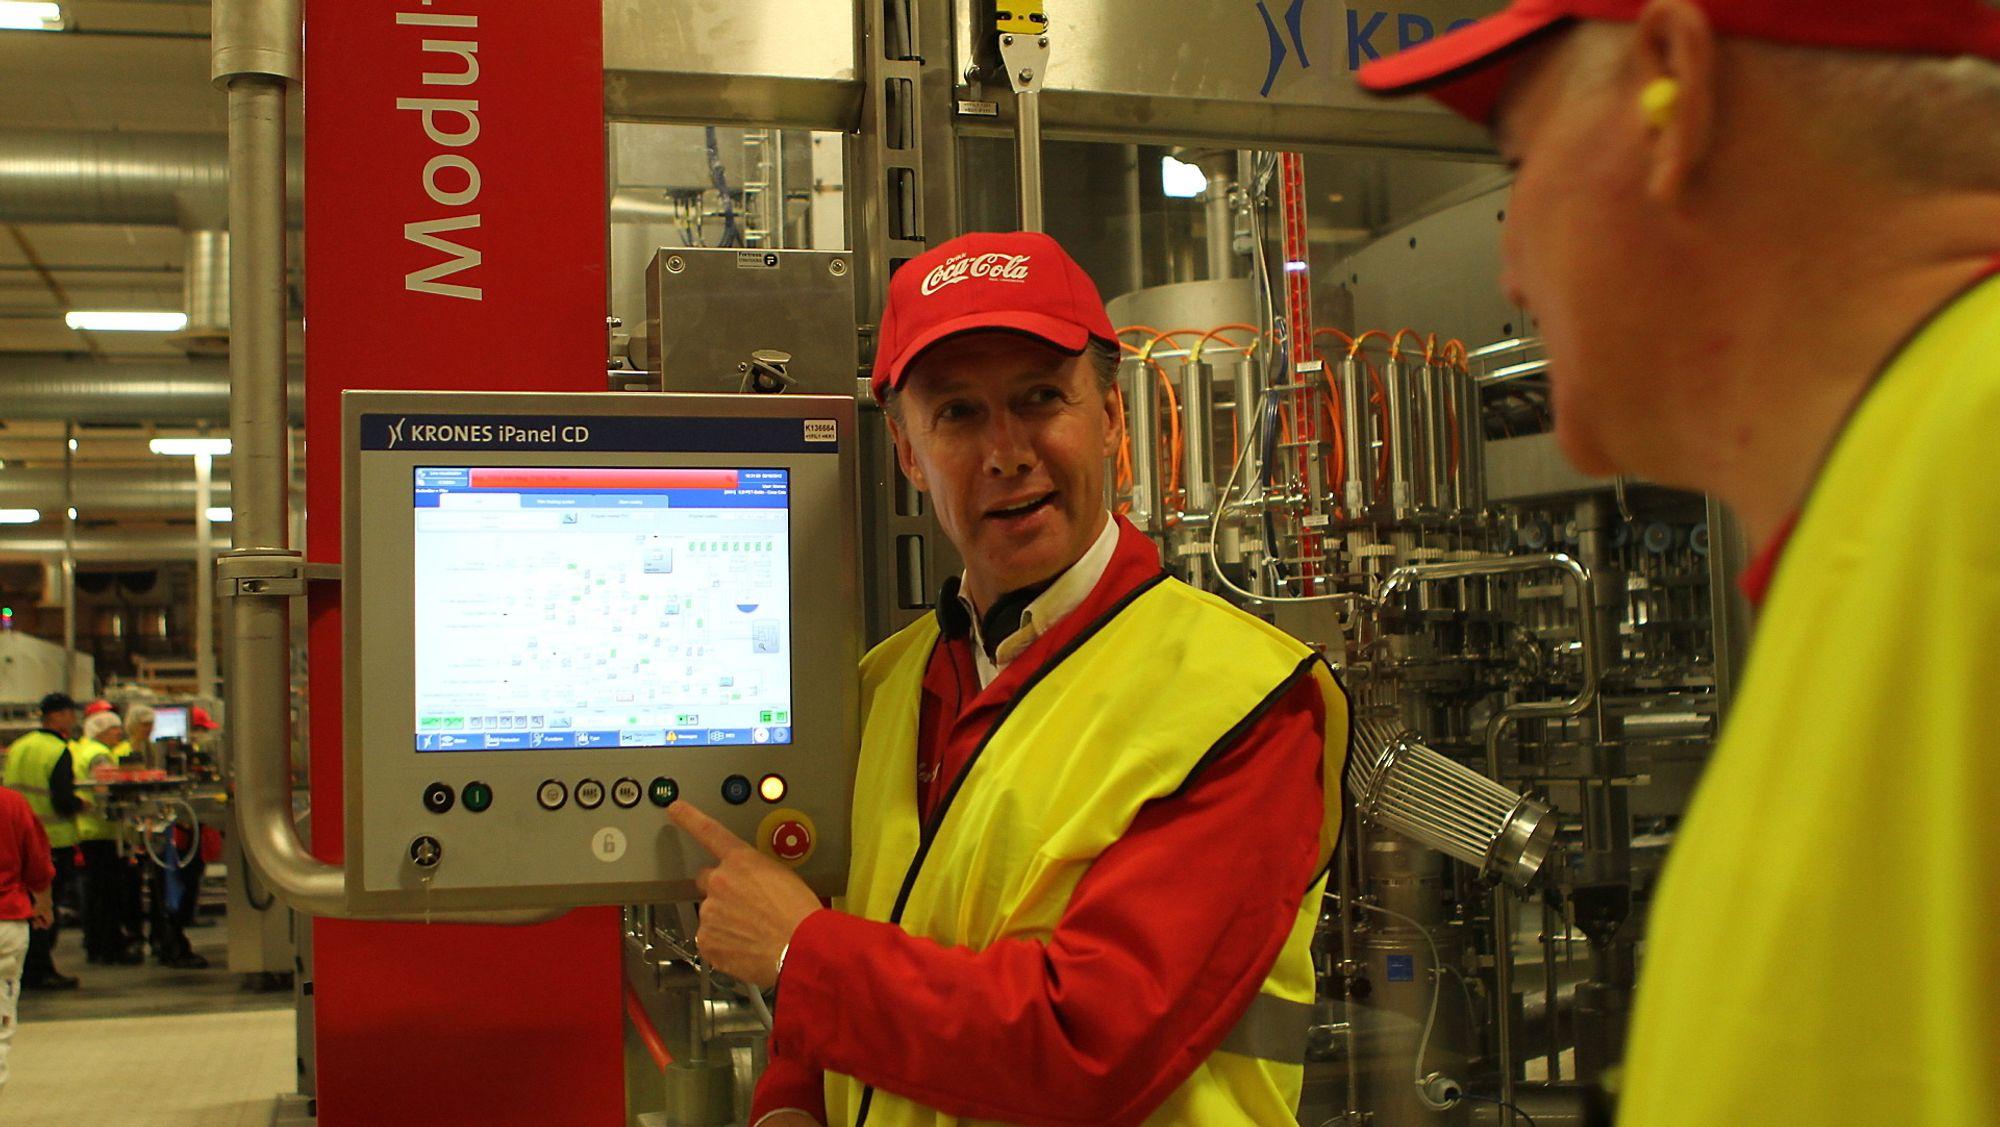 29b9115e Administrerende direktør Ignace Corthouts i Coca Cola Enterprises Norge ved  operatørpanelet i en av produksjonshallene. (Bilde: Coca Cola). Fra  produksjonen ...